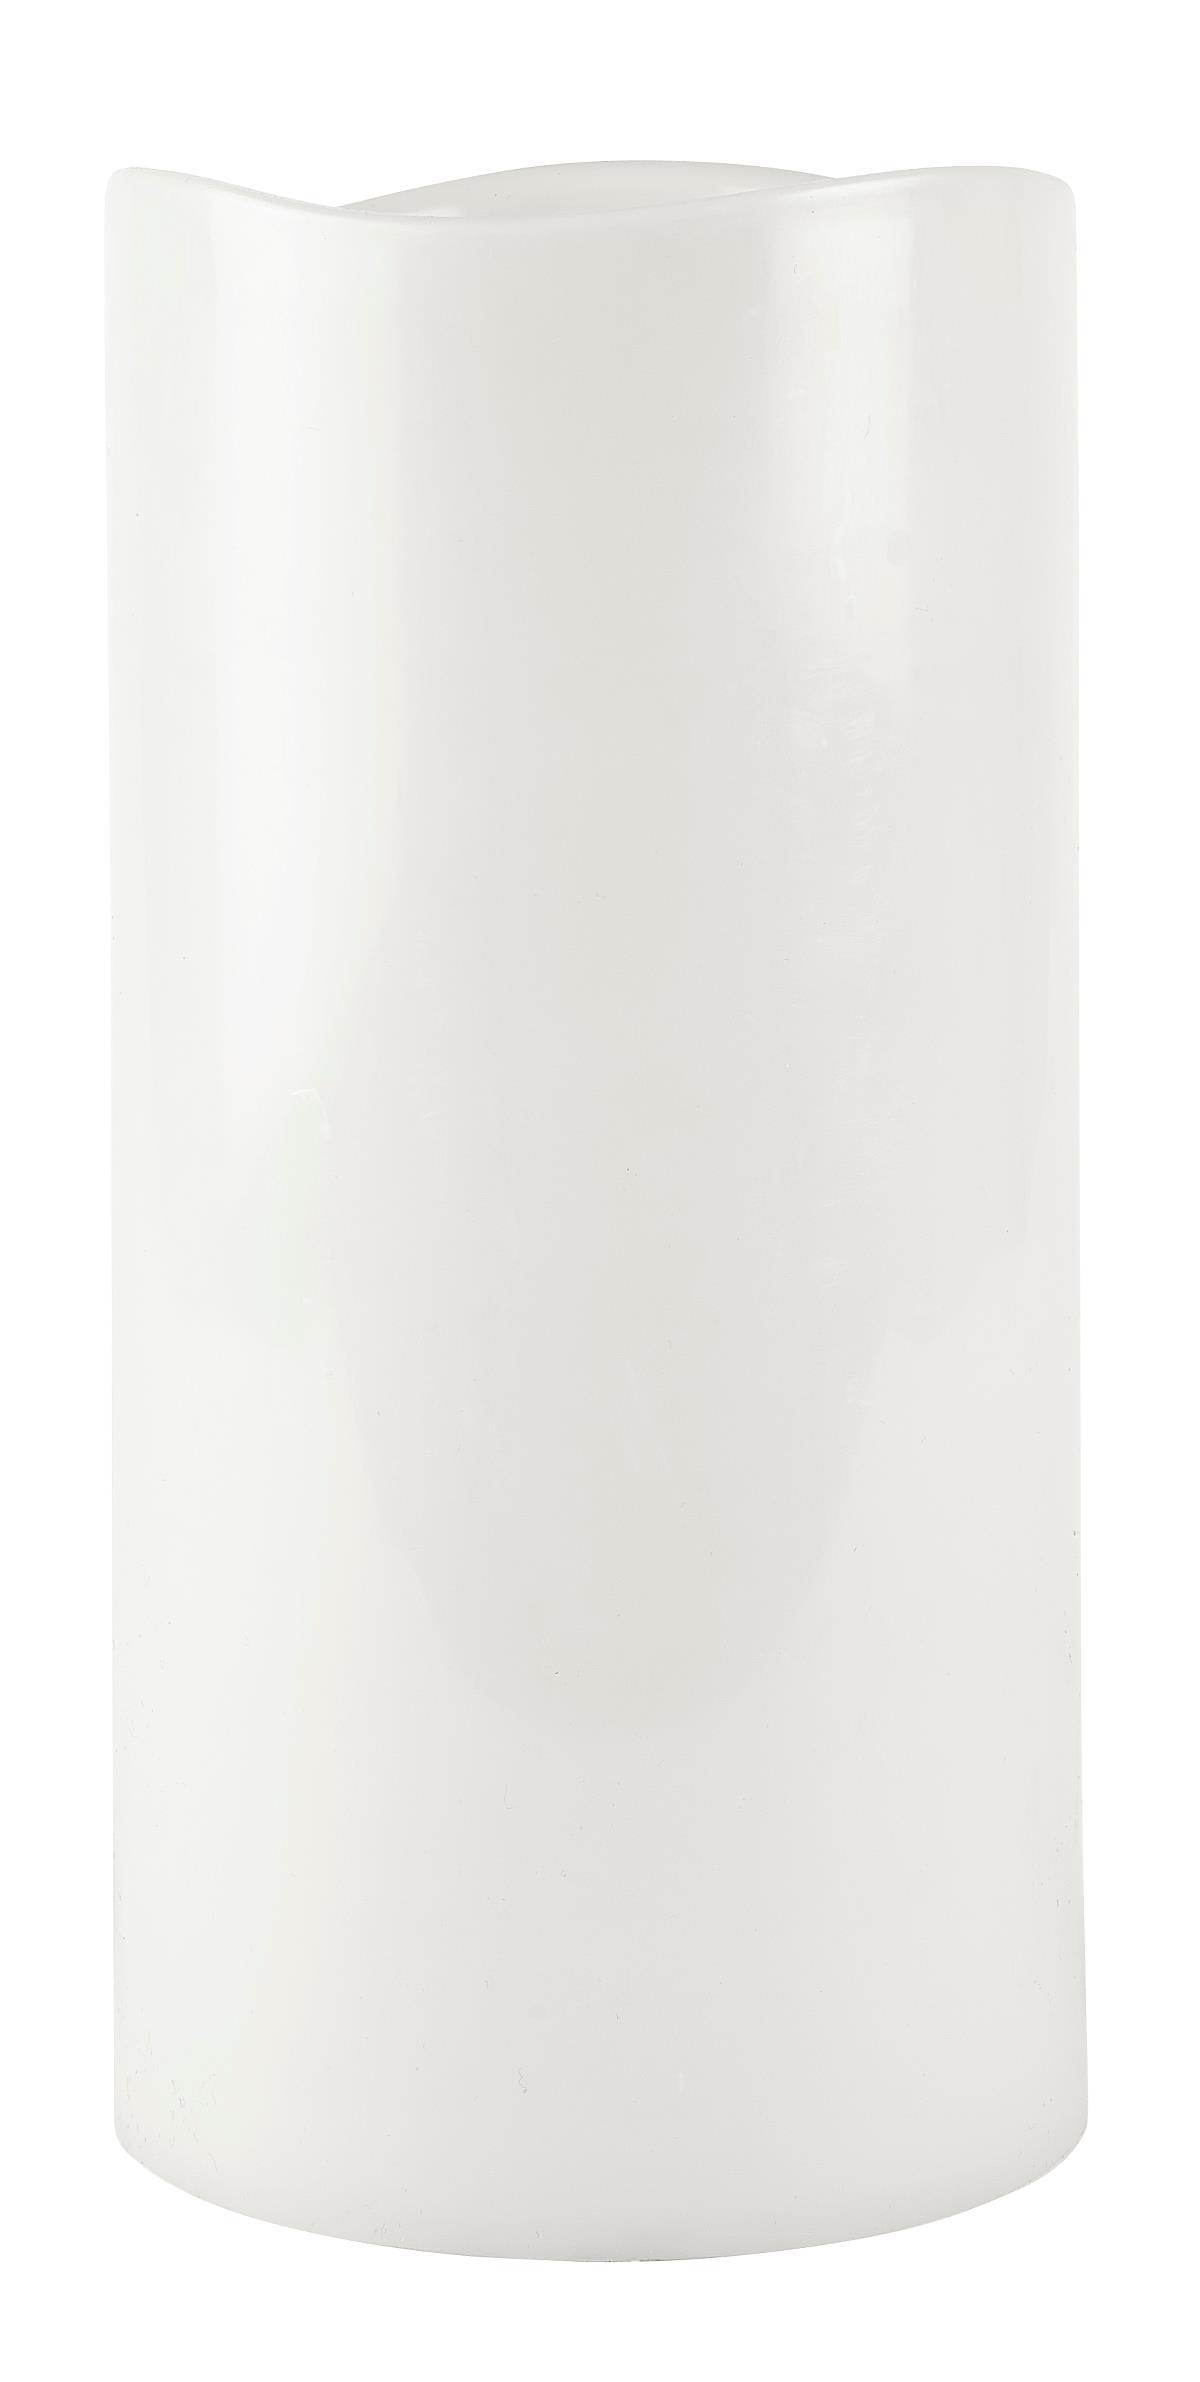 Image of   Villa Collection LED bloklys m. timer PP Hvid, Glat D 15 cm H 30 cm